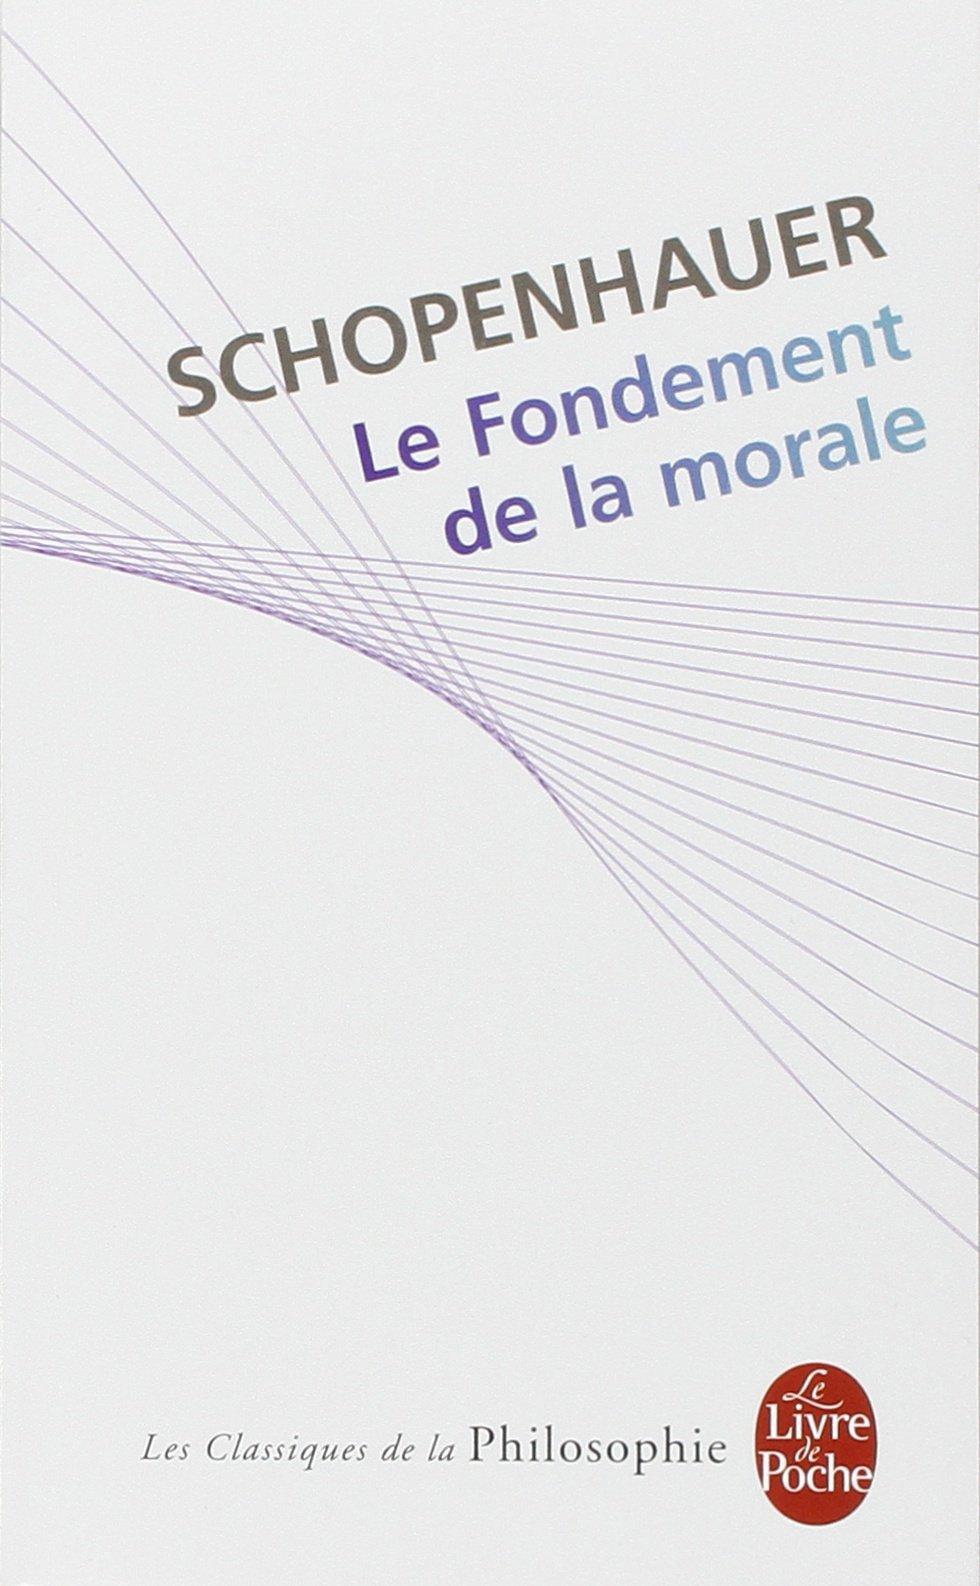 Le fondement de la morale - Schopenhauer